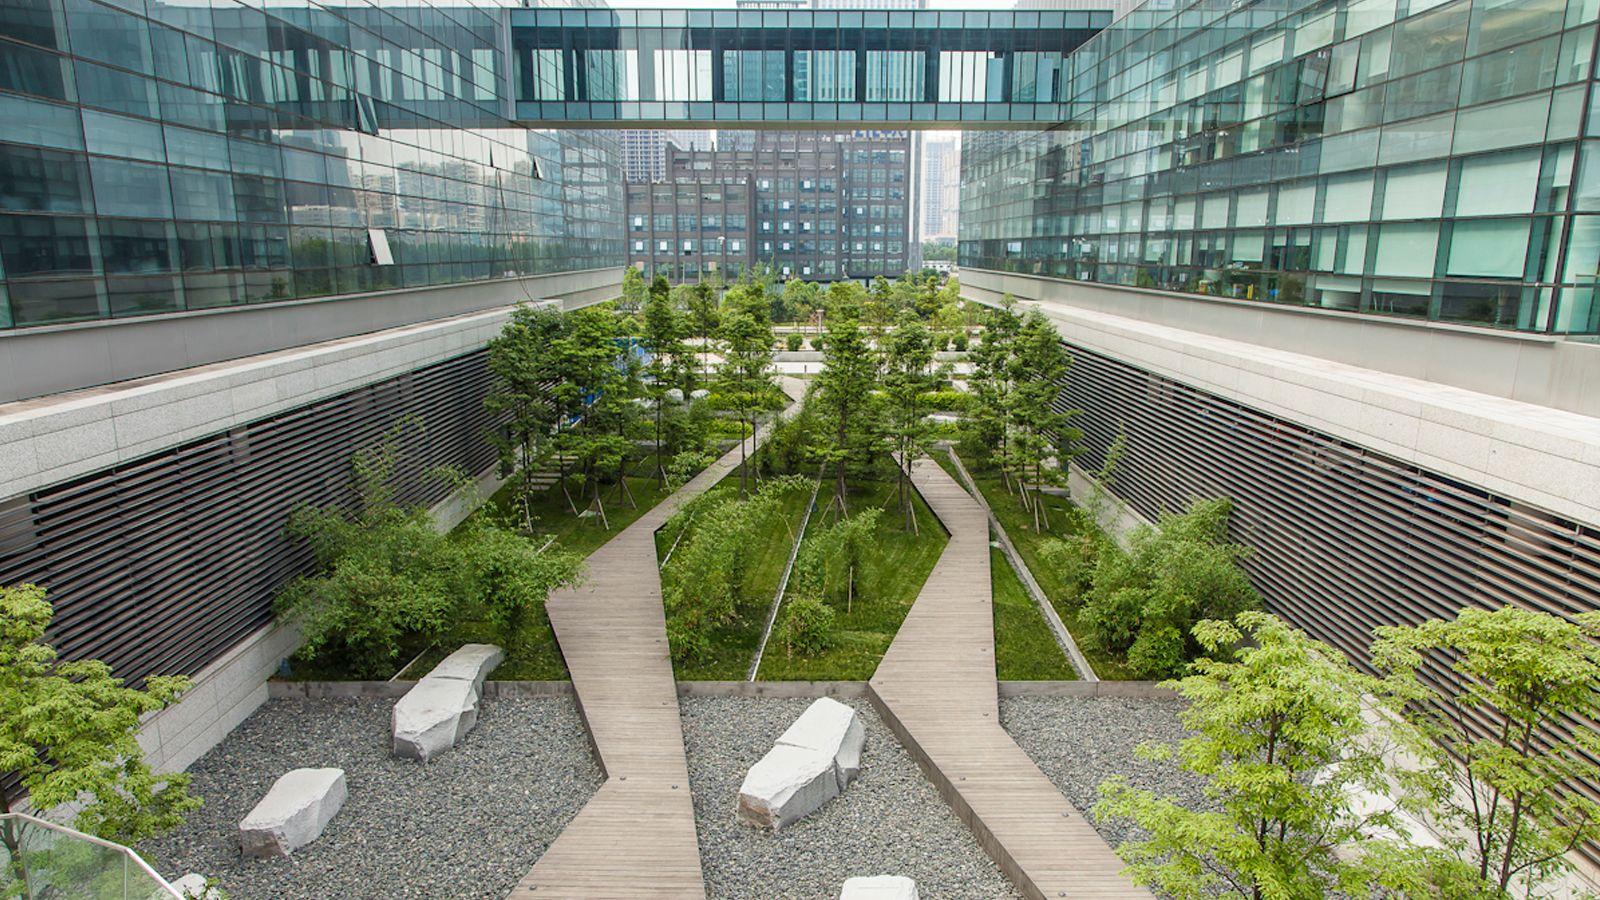 Swa symantec chengdu seri alam landscape for Swa landscape architecture